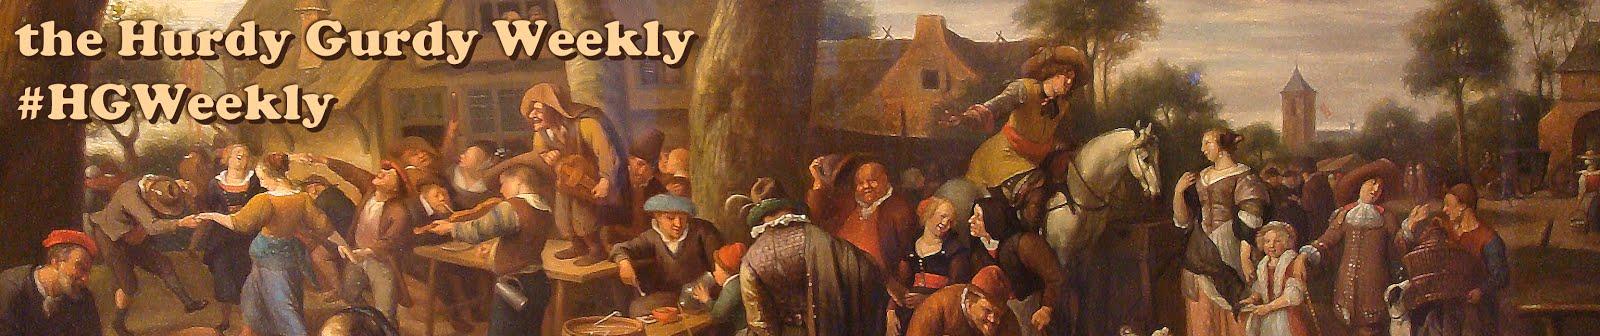 Hurdy Gurdy Weekly • #HGWeekly